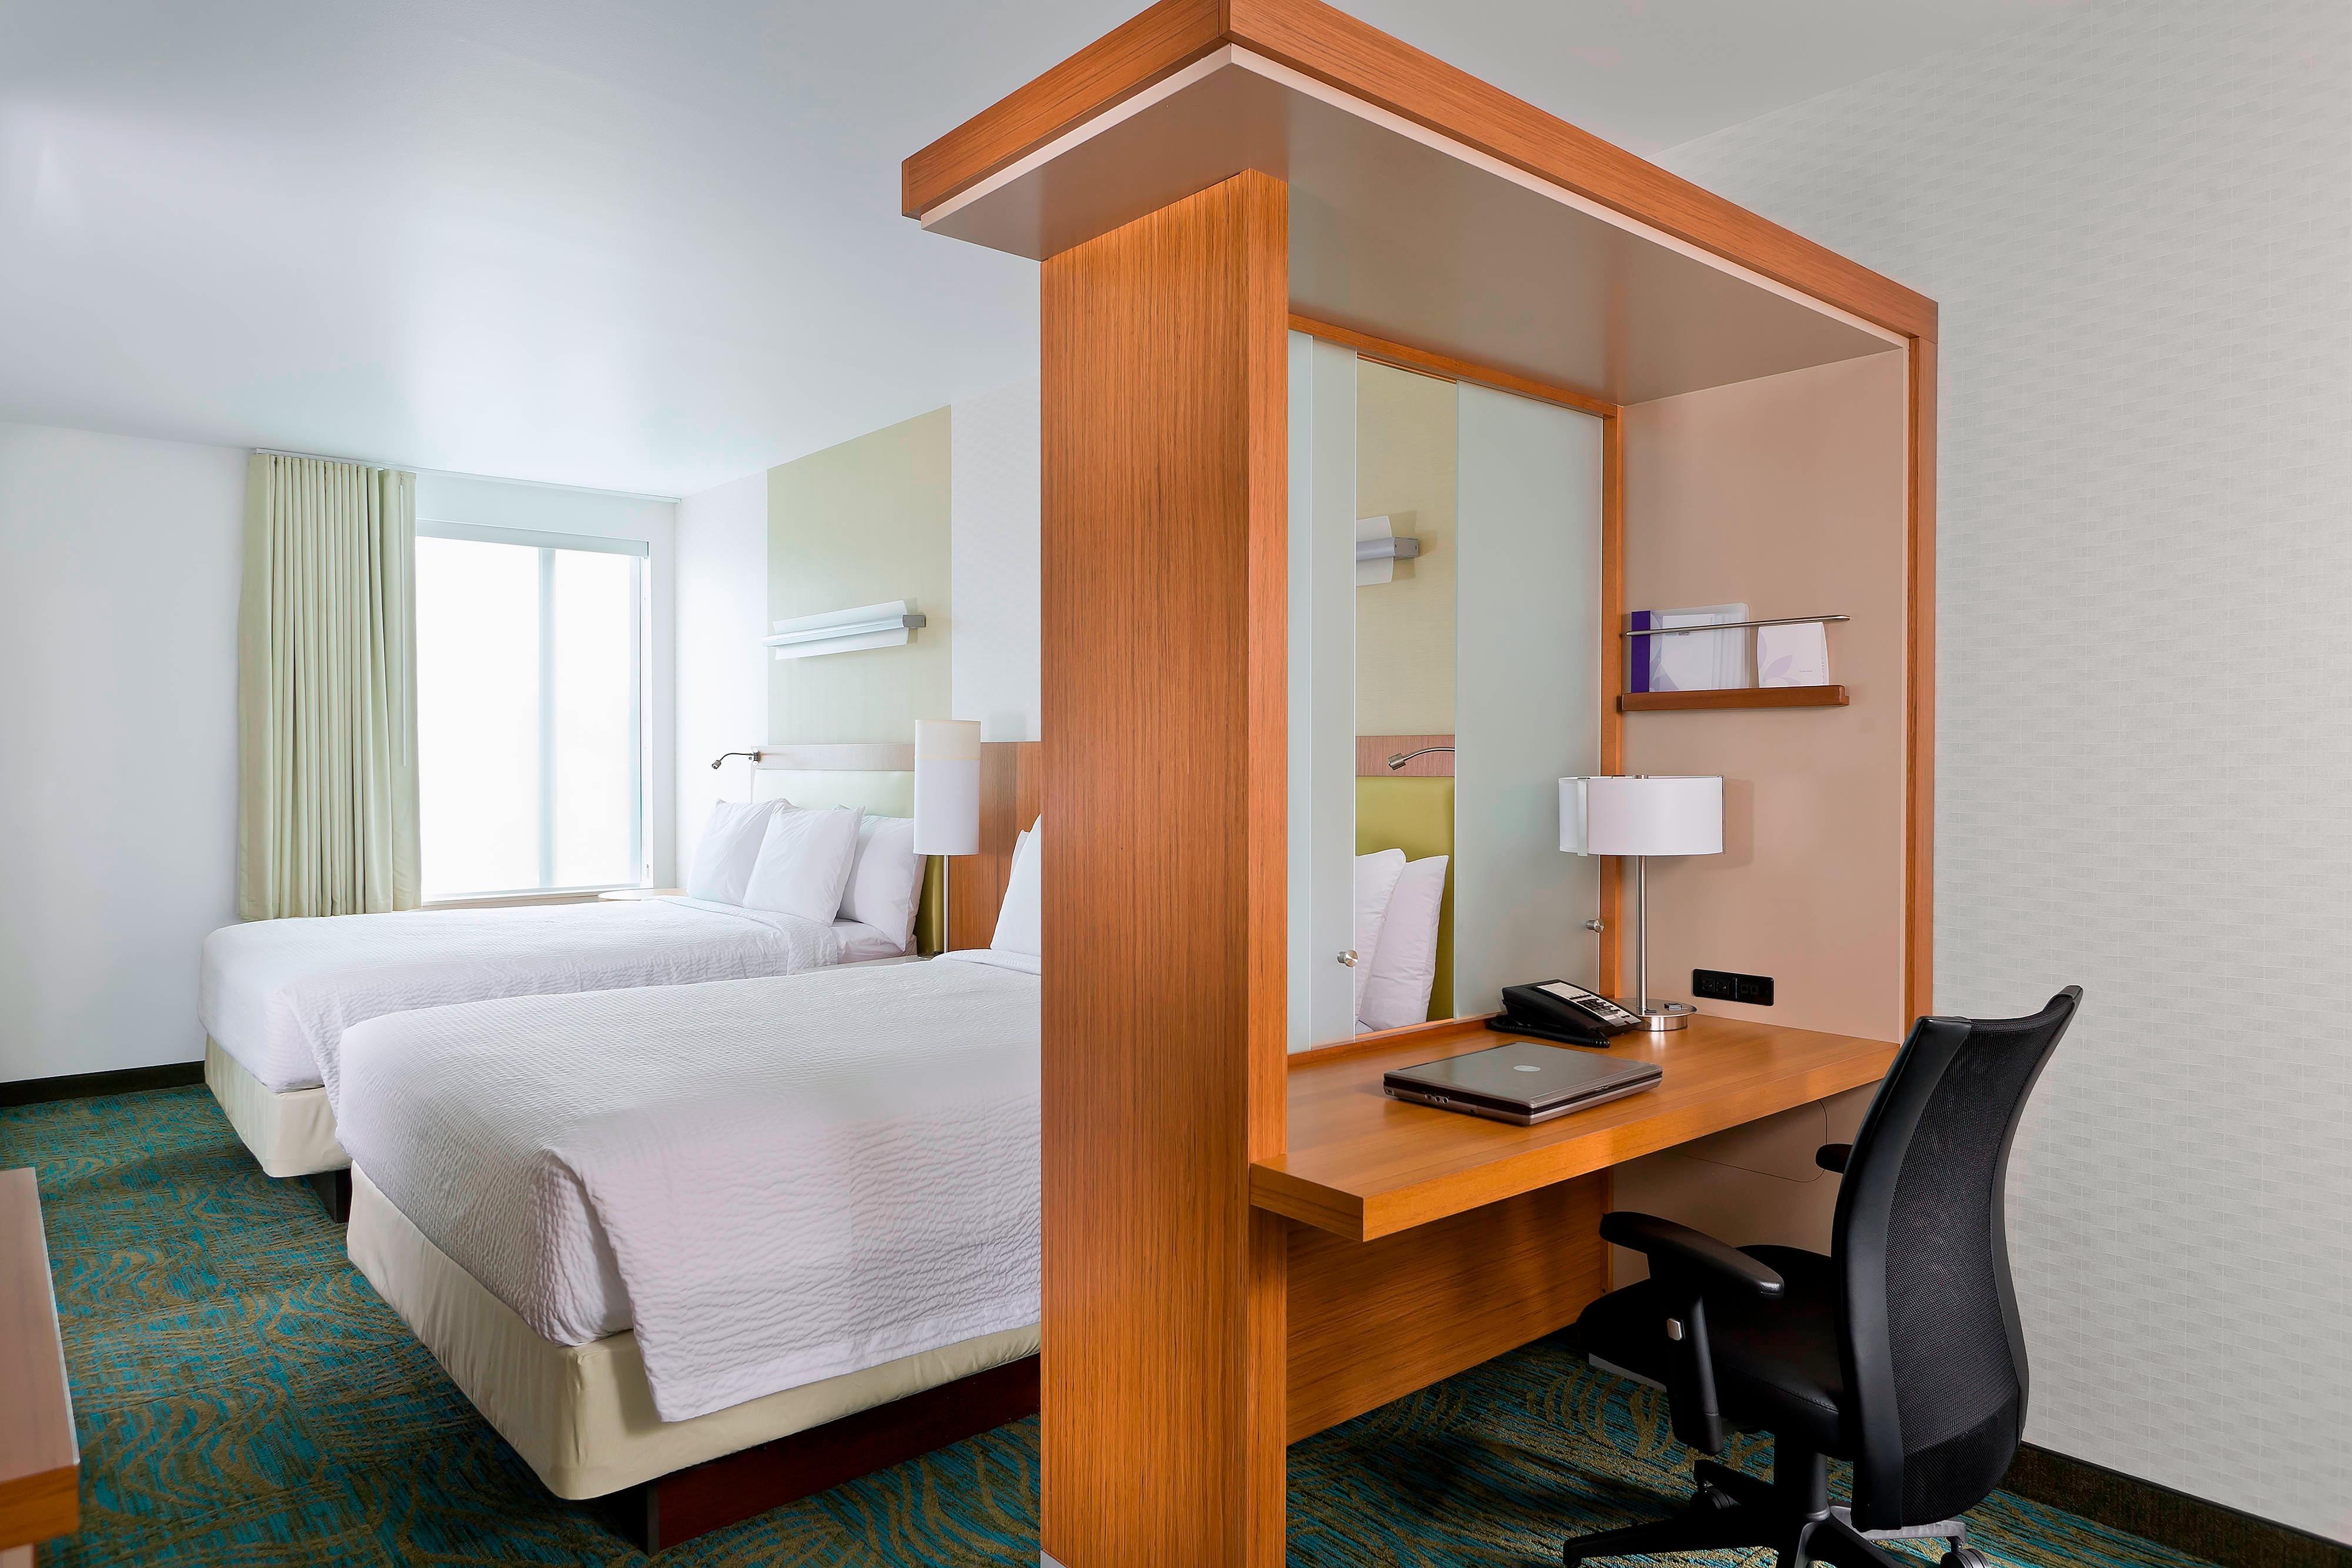 Sesame Place Hotels Springhill Suites Philadelphia Langhorne